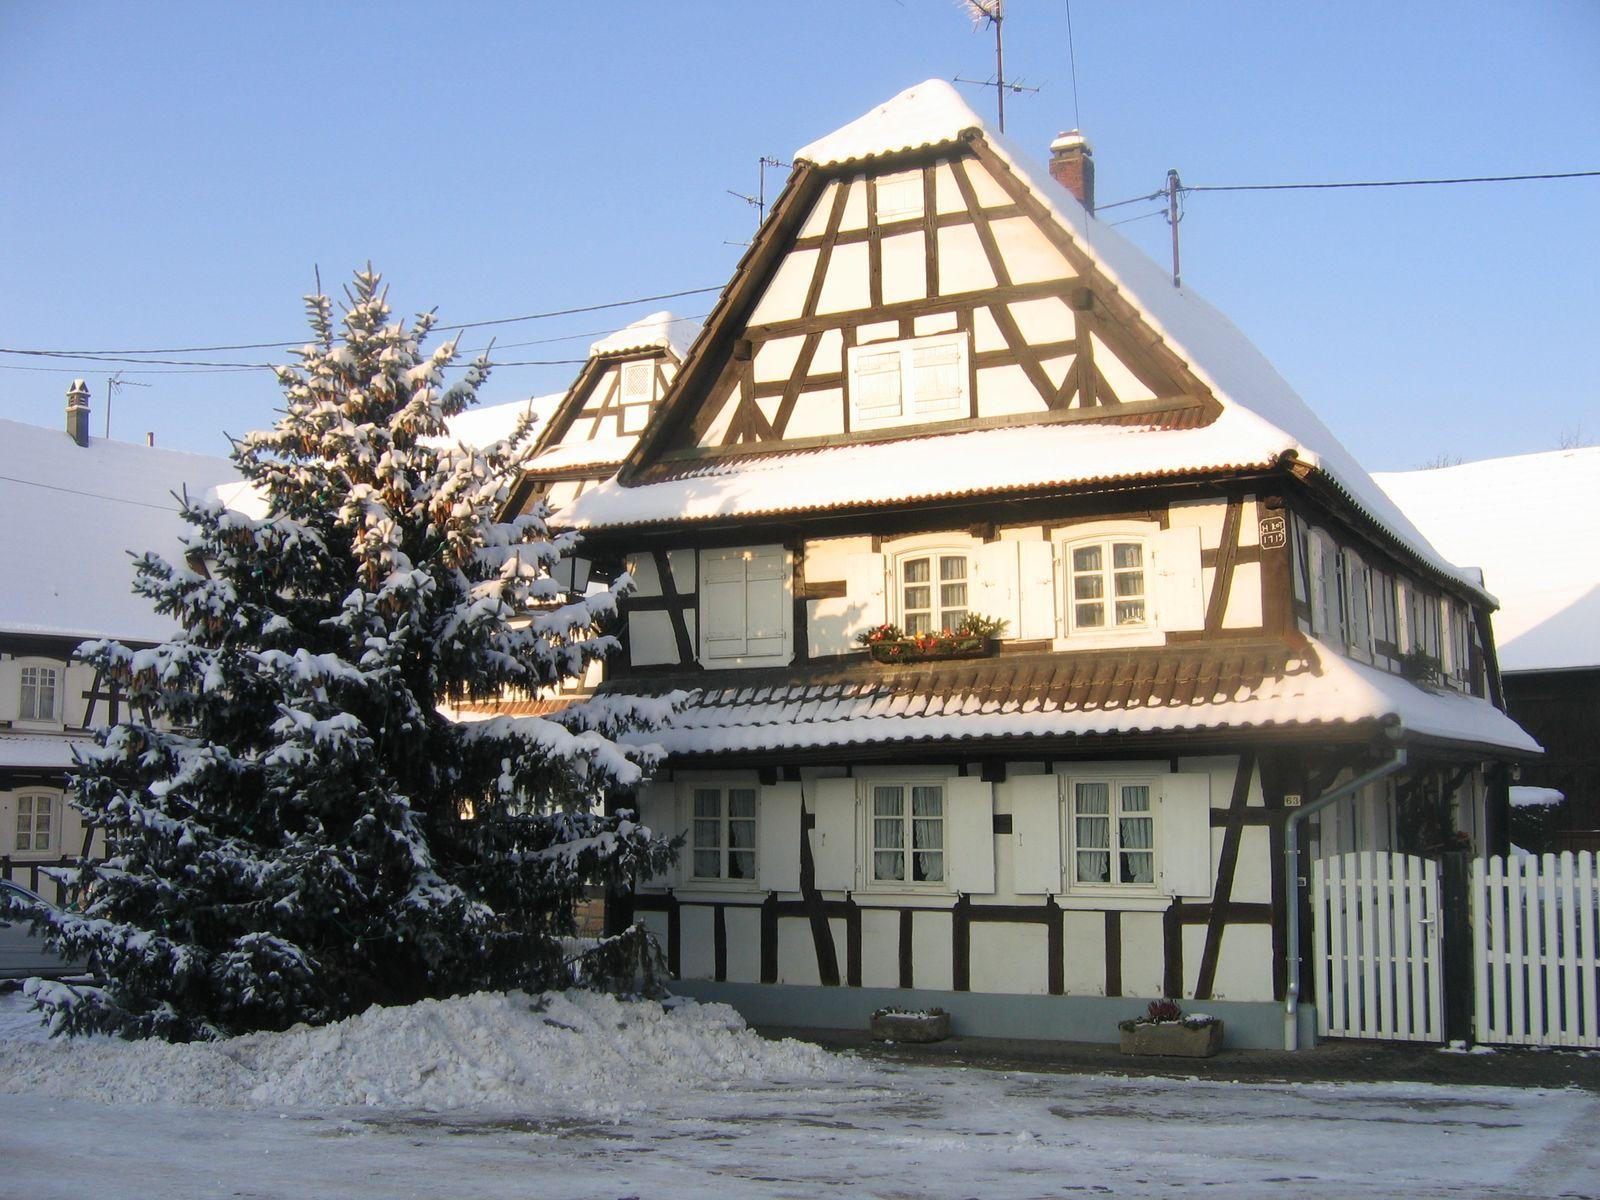 Place du village - Hunspach en Hiver